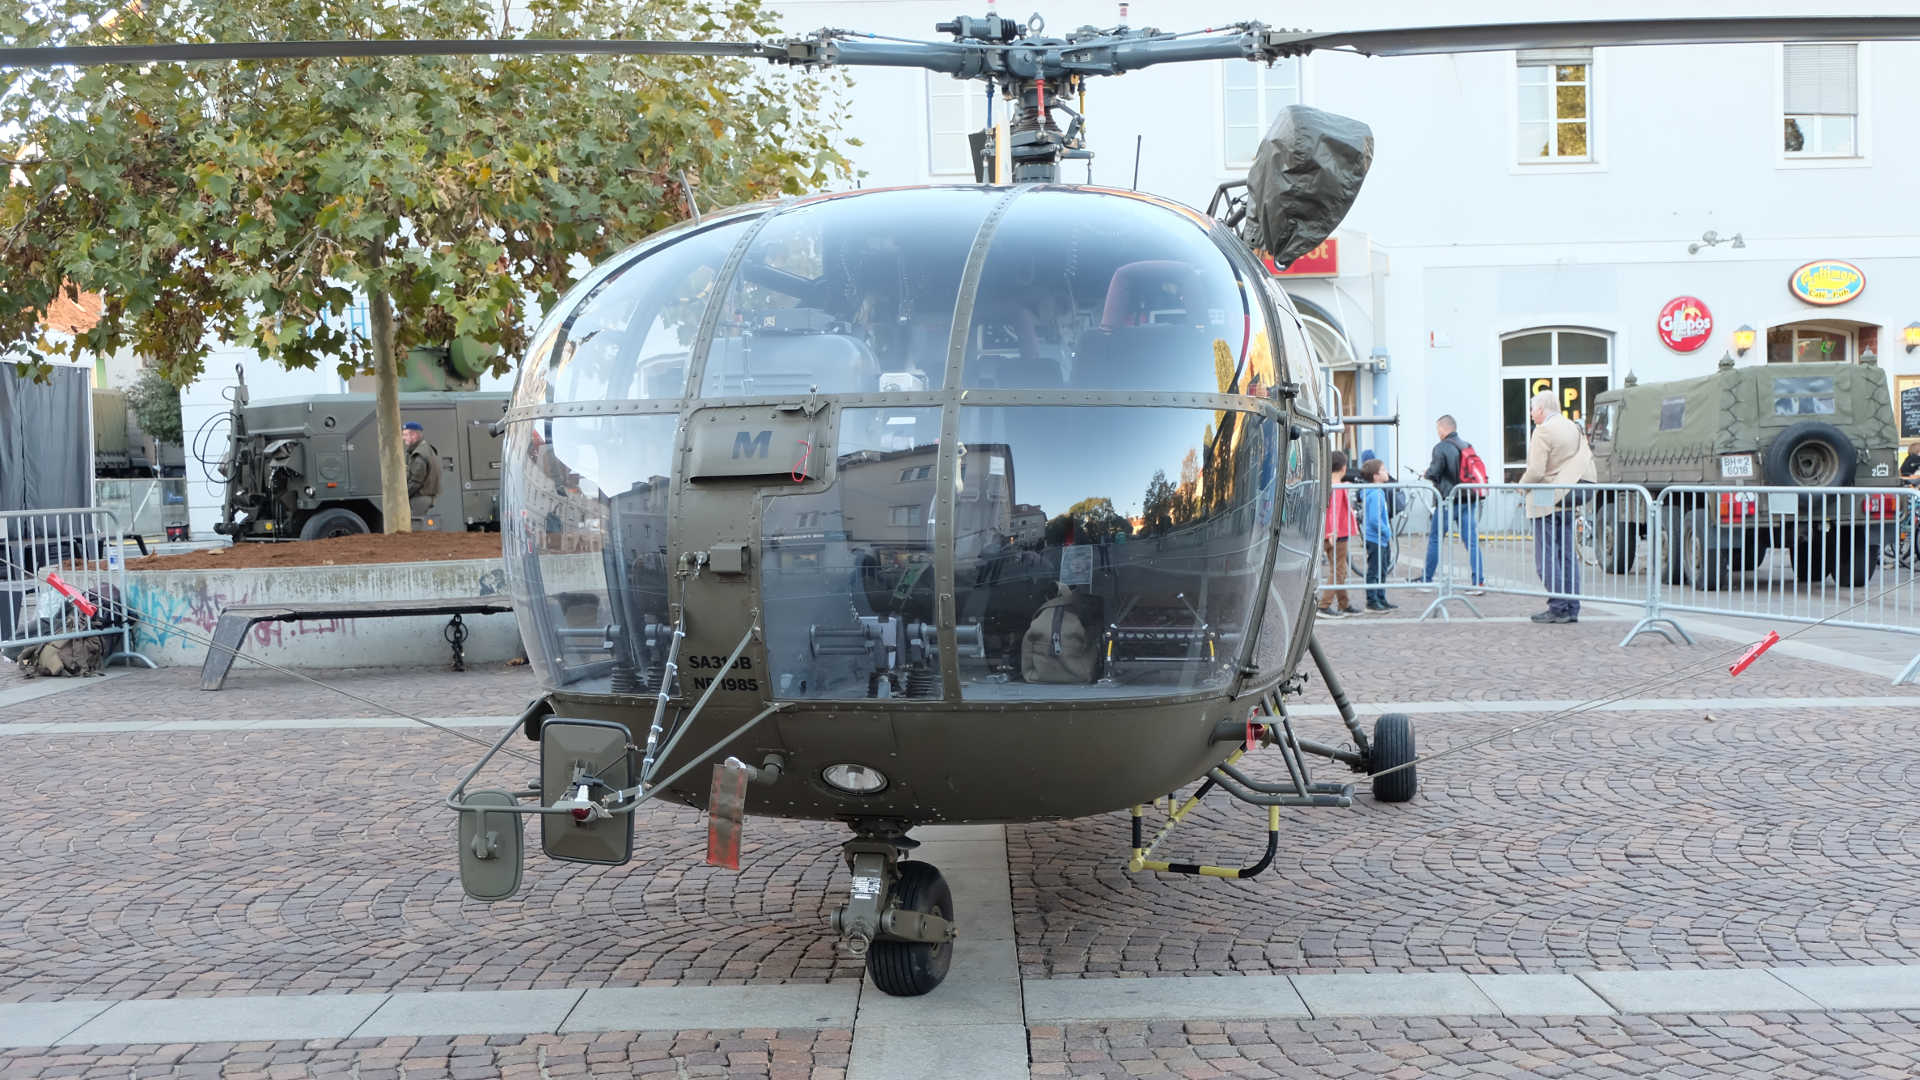 Alouette 3-Bundesheer-Graz-Österreich-Nationalfeiertag-Luftstreitkräfte-Hubschrauber-Grundwehrdienst